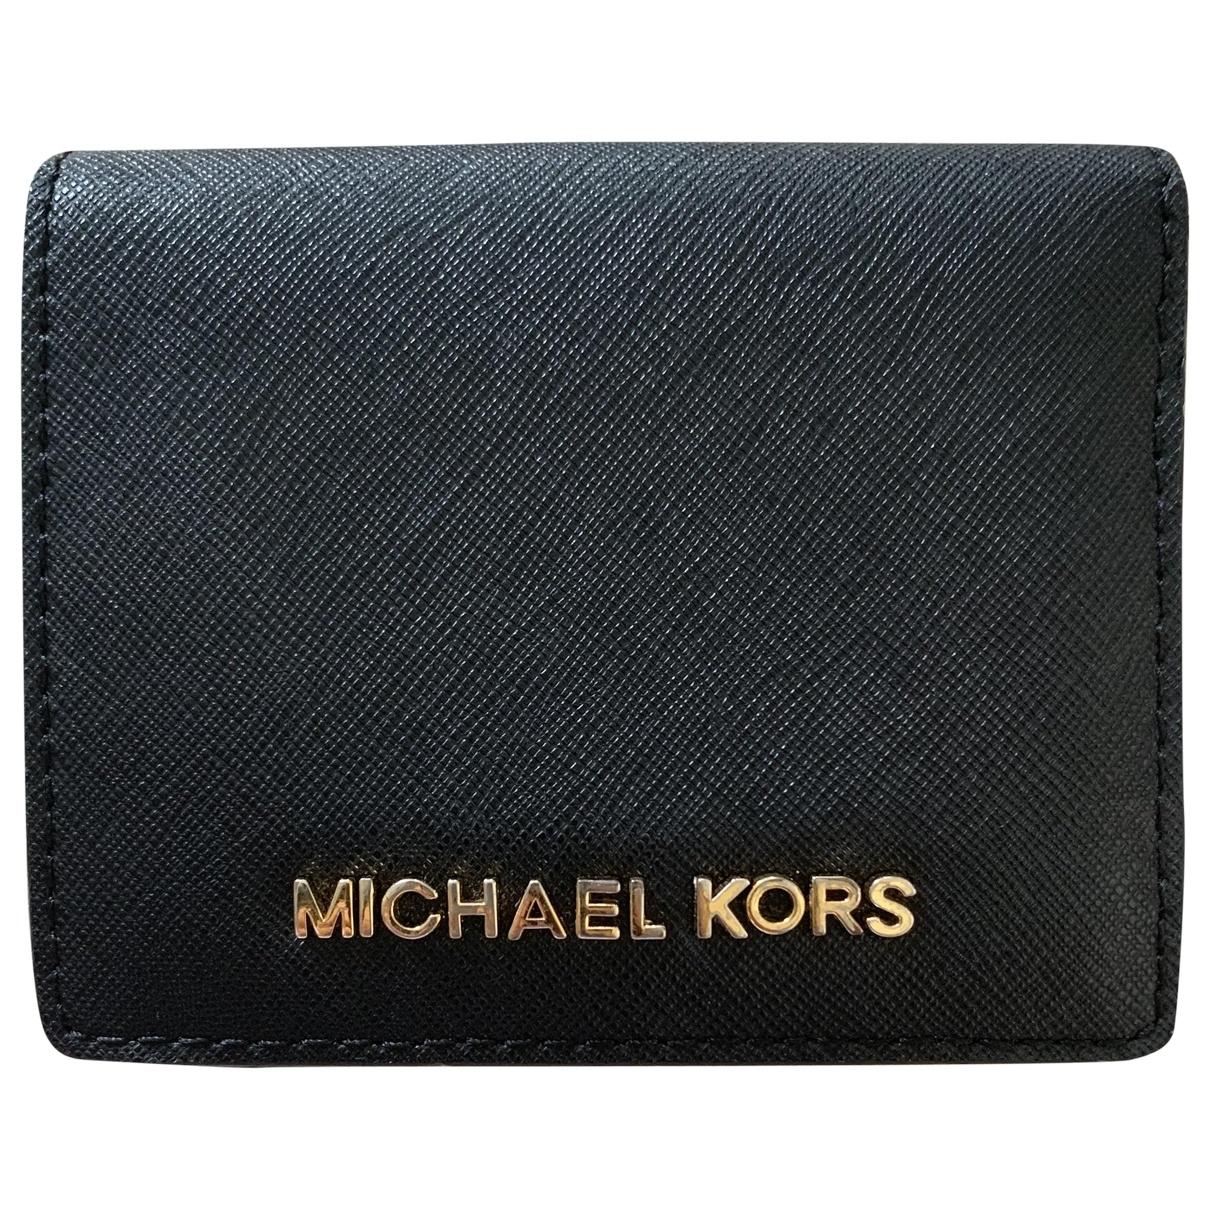 Michael Kors - Portefeuille   pour femme en autre - noir